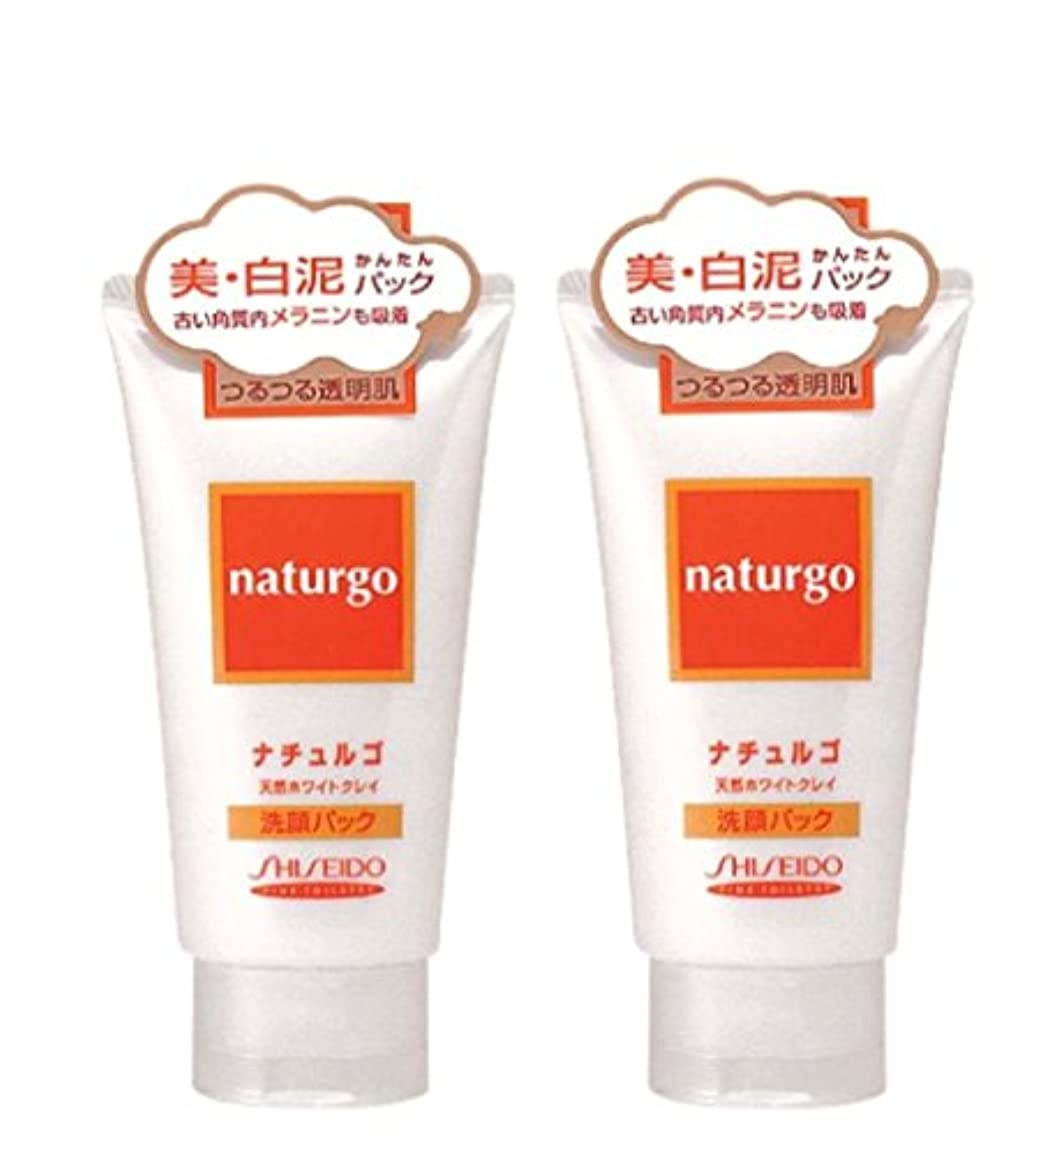 明日運命的なちなみに【まとめ買い】ナチュルゴ 天然ホワイトクレイ洗顔パック 120g ×2セット